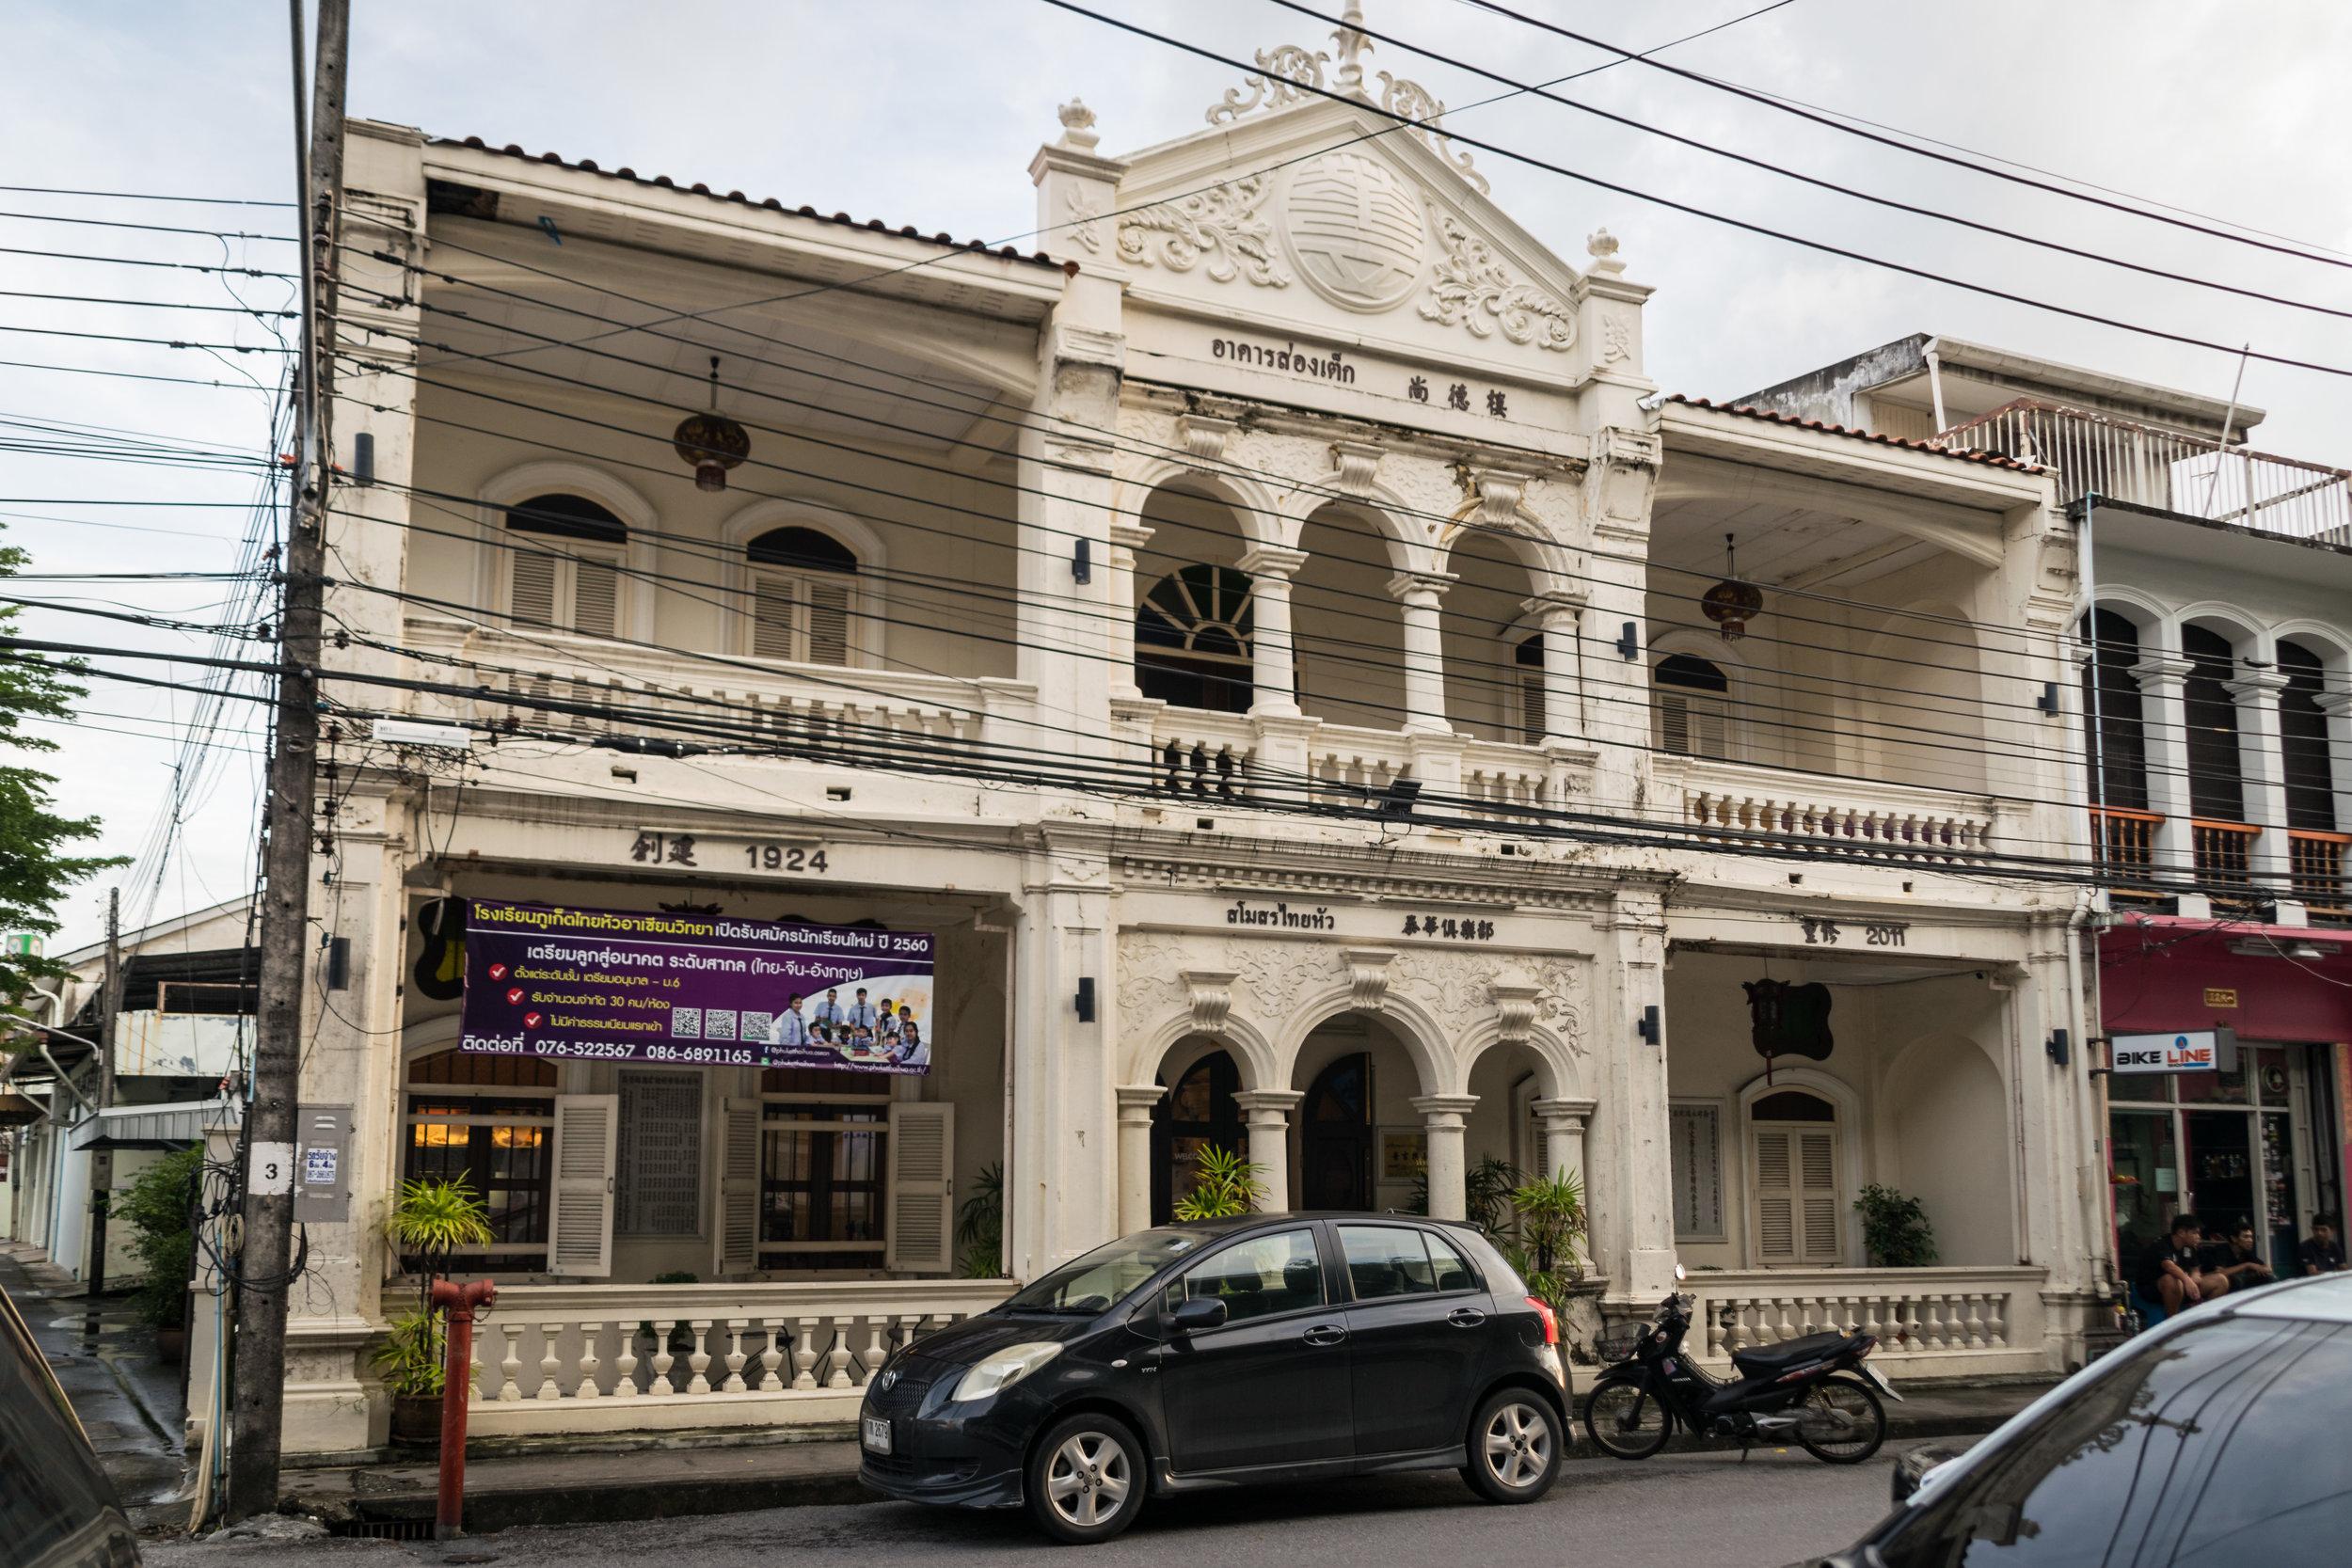 Phuket Old Town buildings-17.jpg